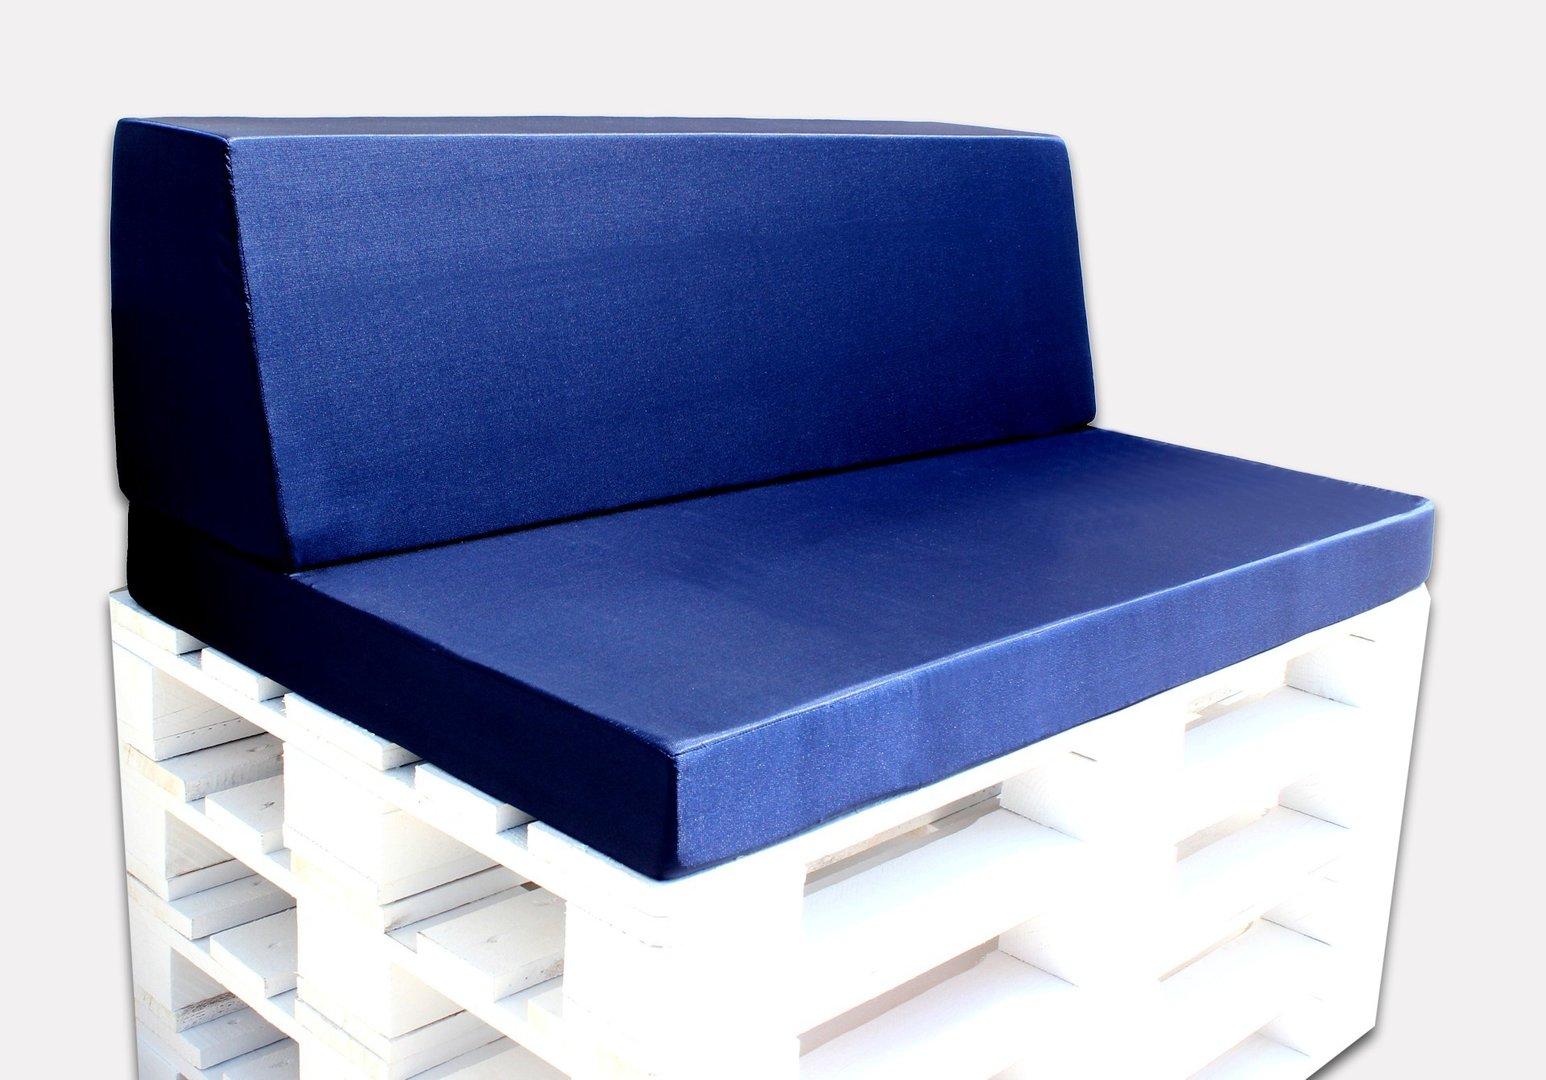 conjunto de 1 asiento y 1 respaldo para palets europalet 120 x 80 azul navy - Asientos Con Palets